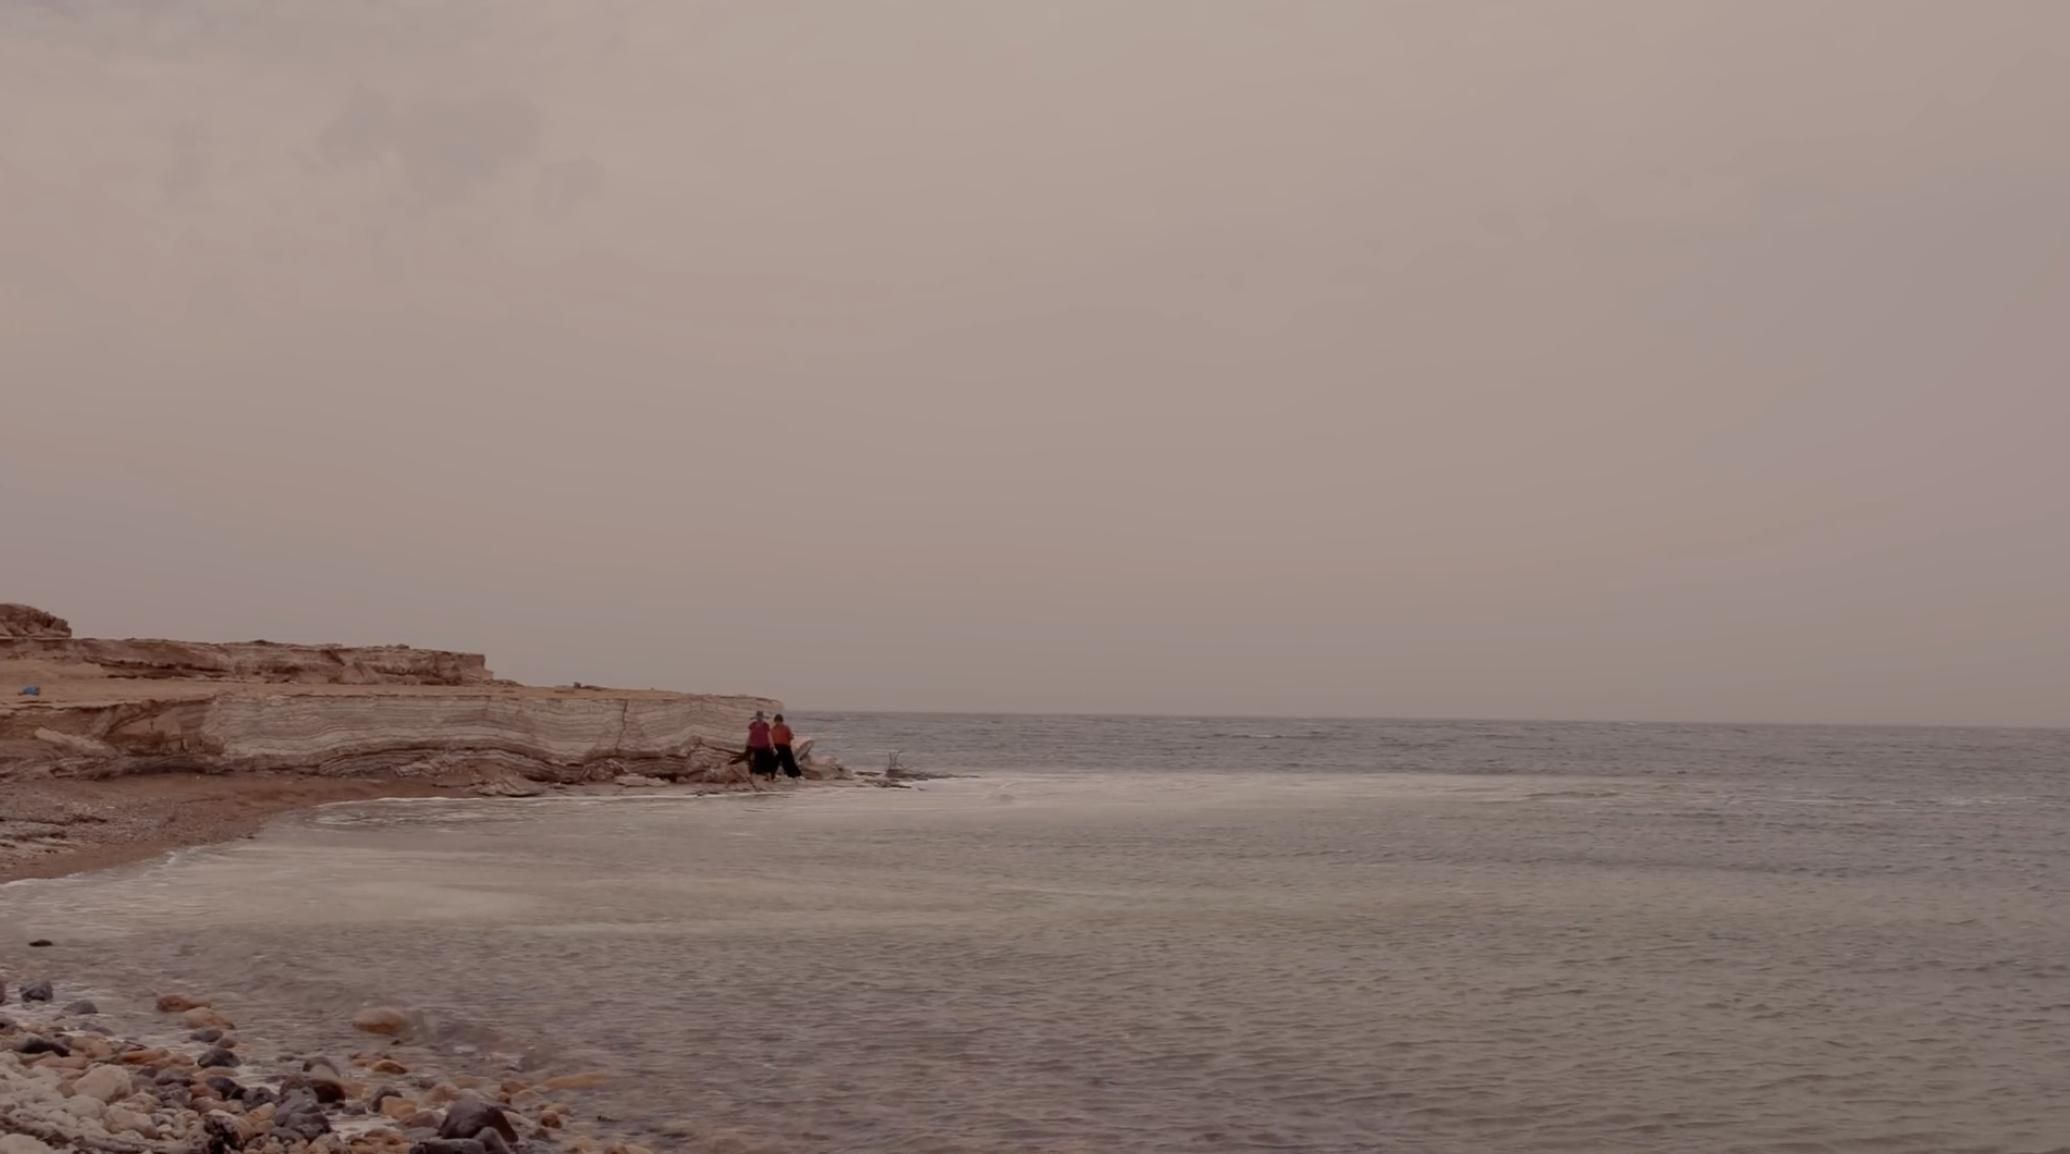 Screen Shot 2021-01-04 at 2.25.11 PM